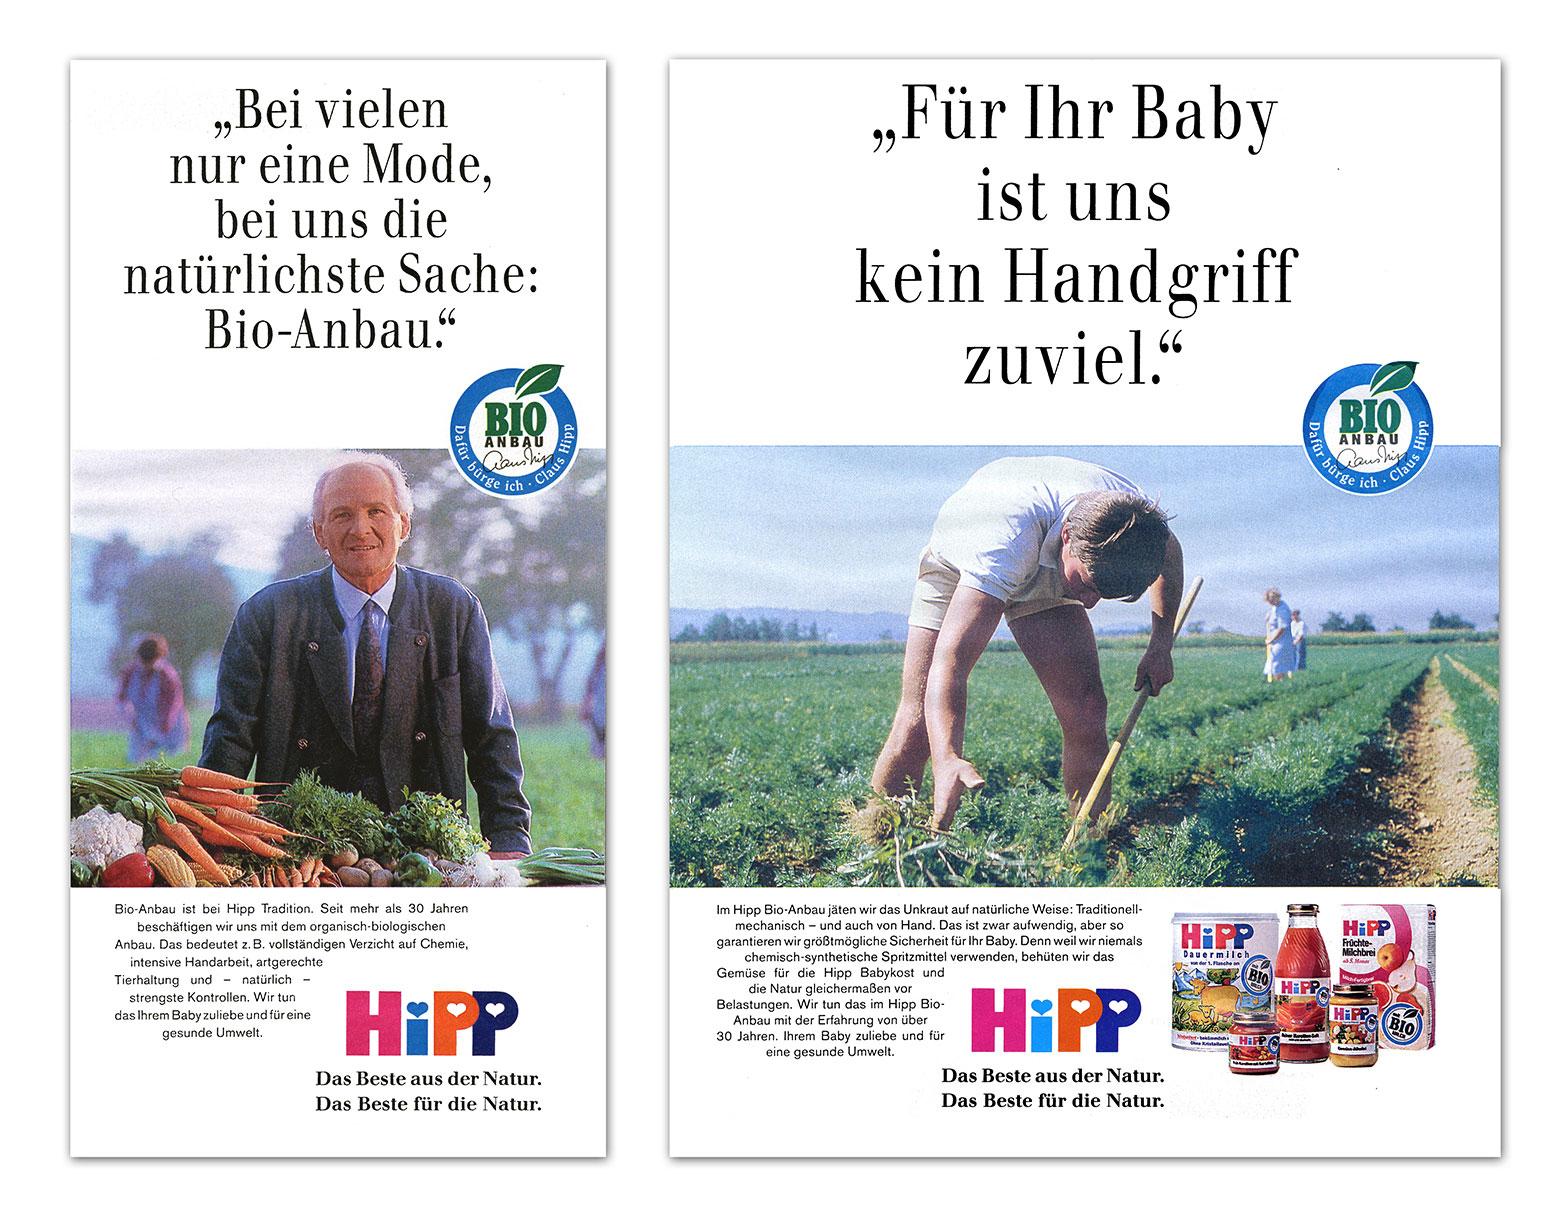 Hipp Bio-Kampagne, Anzeigenmotiv mit Vorschaltseite